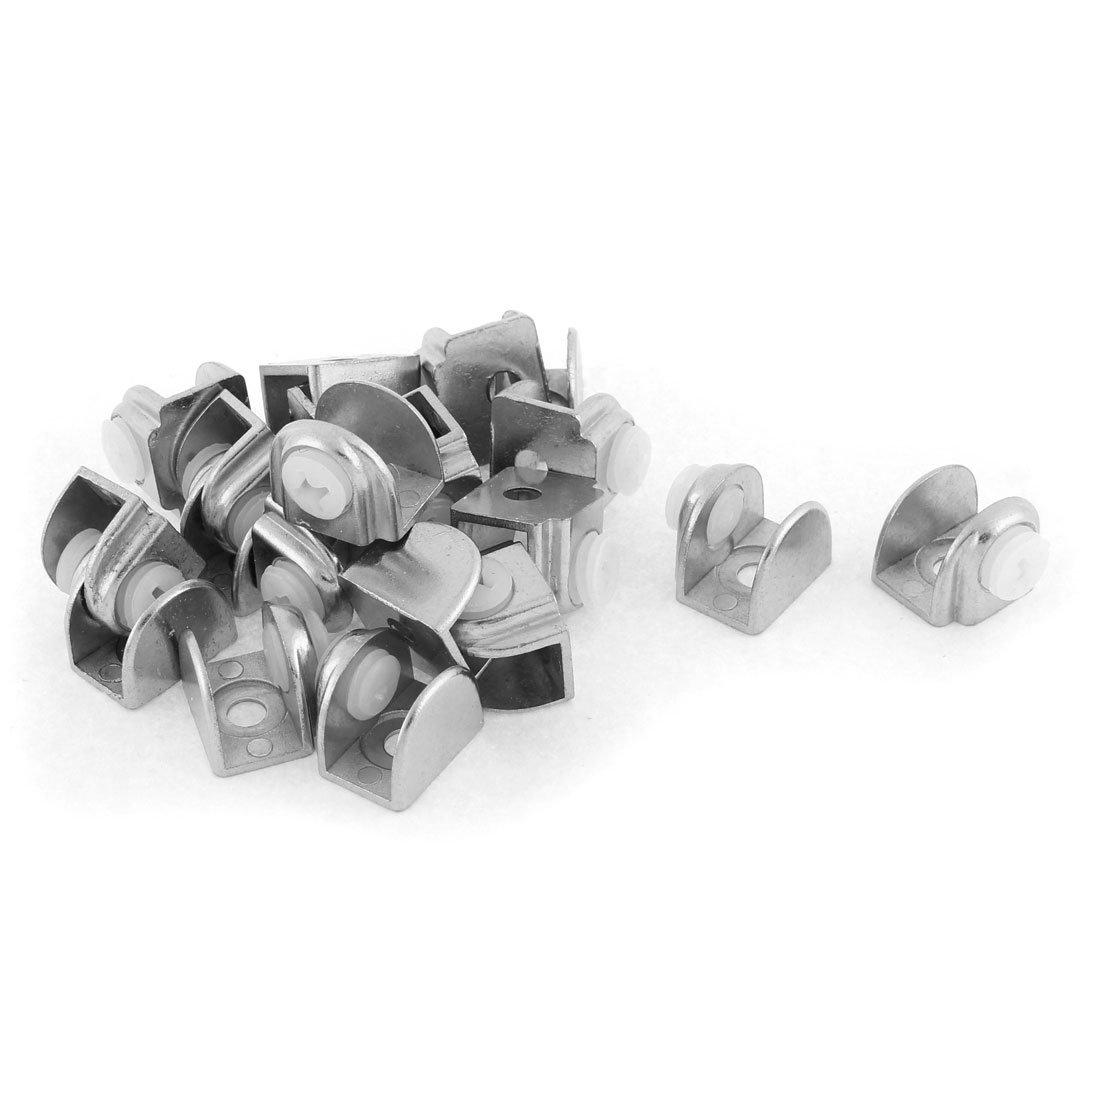 Semicerchio 5-9mm Spessore vetro Clip scaffale Supporto serraggio staffa supporto 20pz sourcing map SYNCE010298